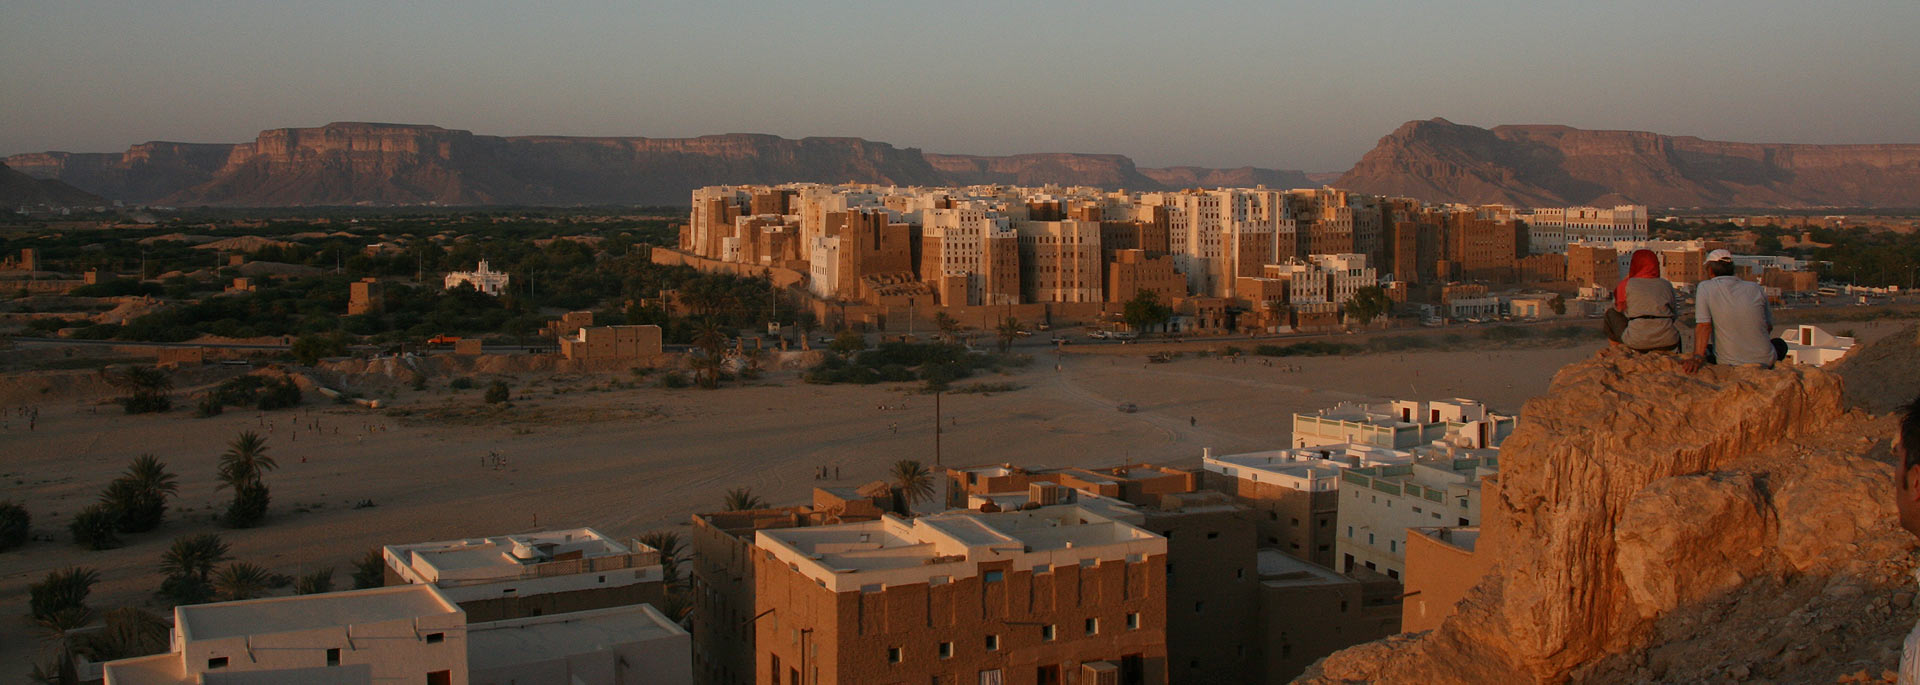 Fotos Jemen: Wadi Hadhramaut